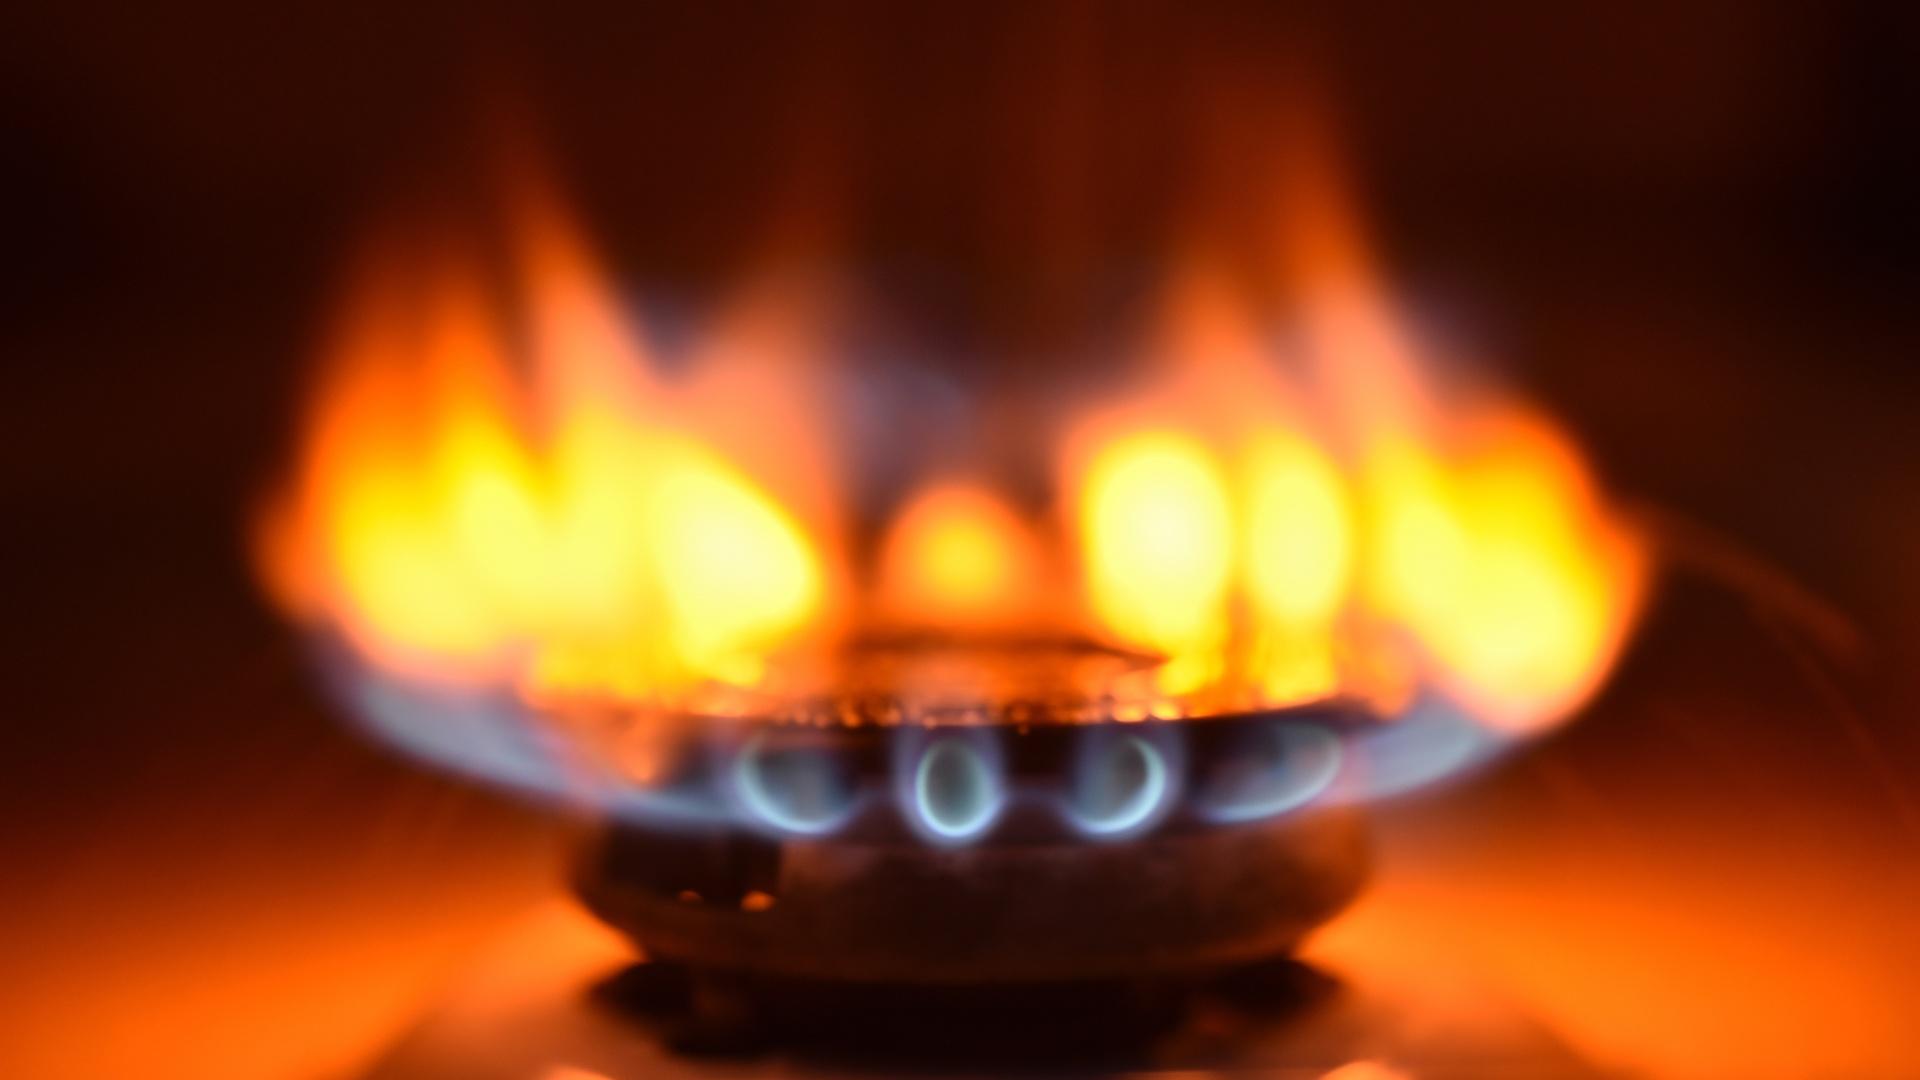 Danger Orange Yellow Stove Burner Flames Consumers